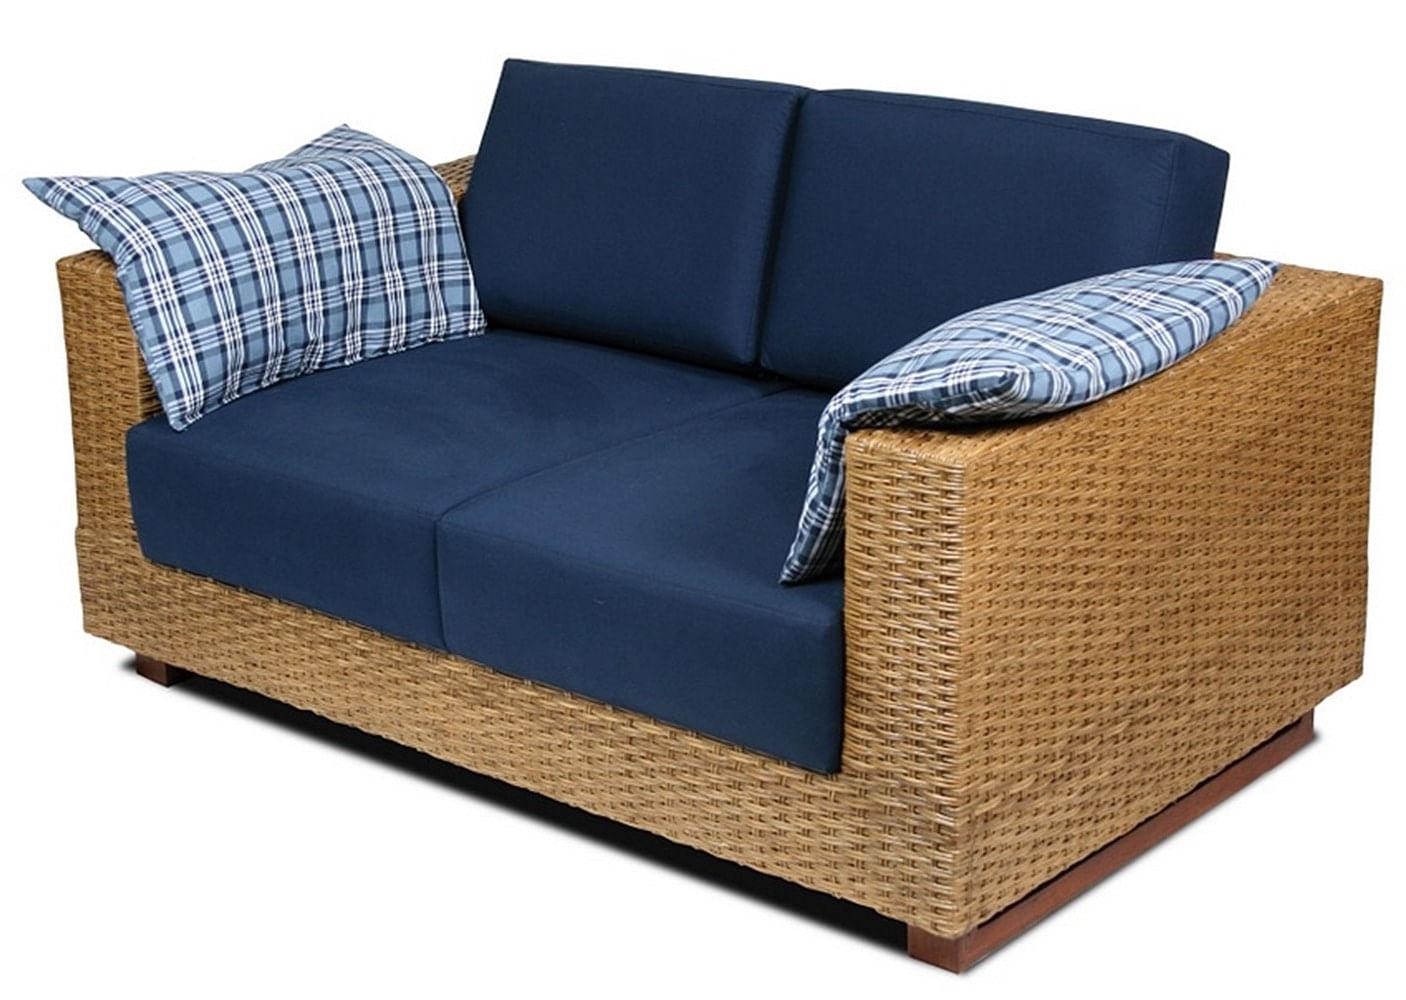 Sofa Salinas 2 Lugares Assento cor Azul Marinho com Base Madeira Revestida em Junco - 44784